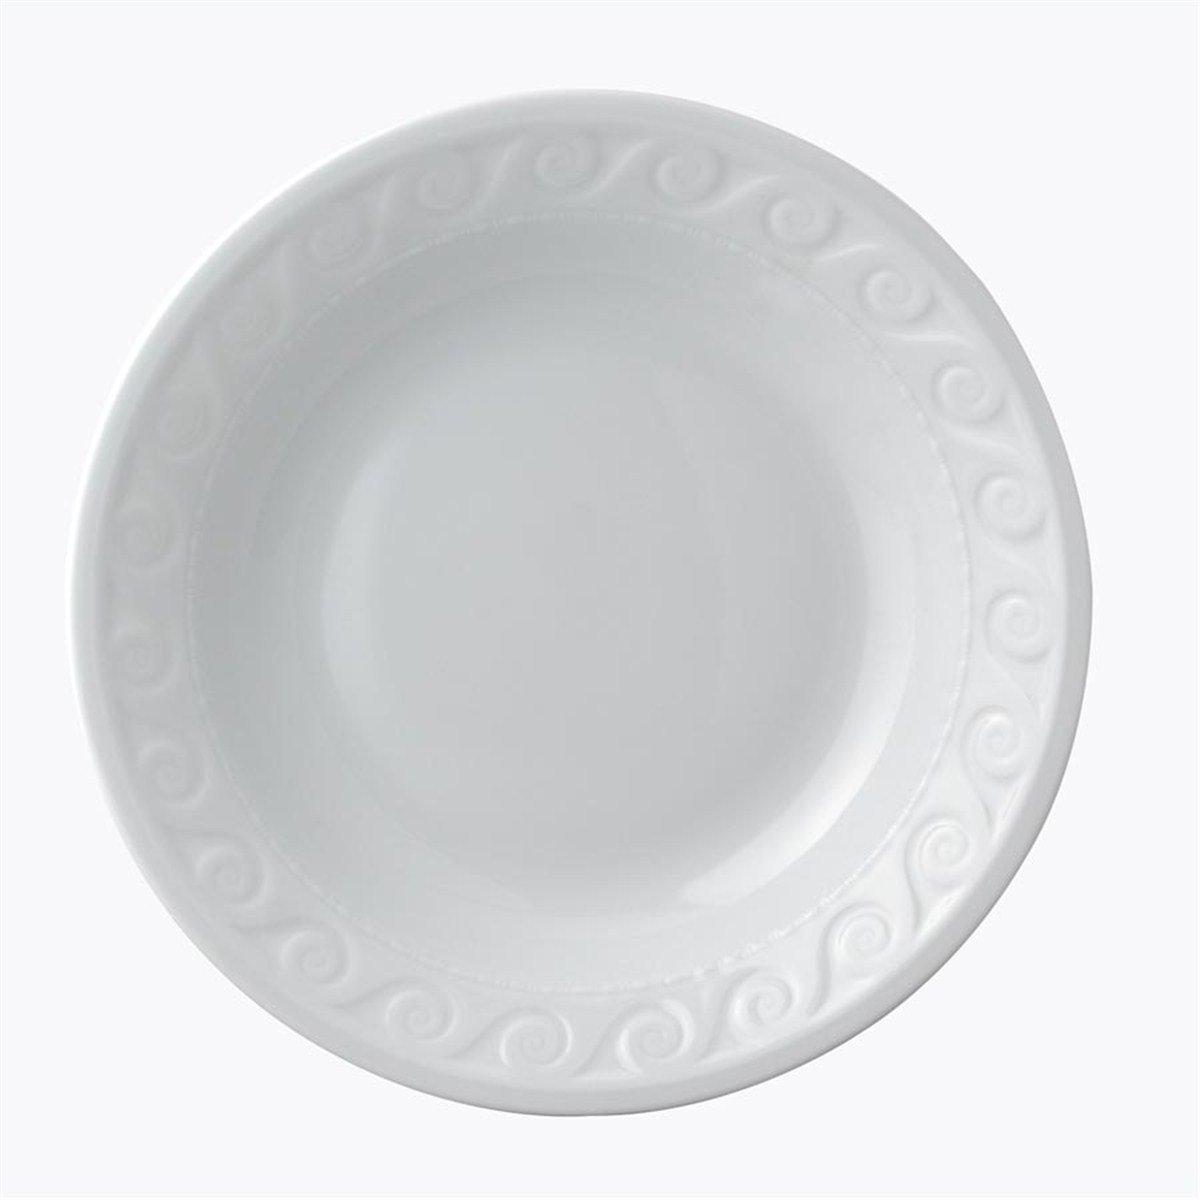 Bernardaud Louvre White Open Vegetable Bowl